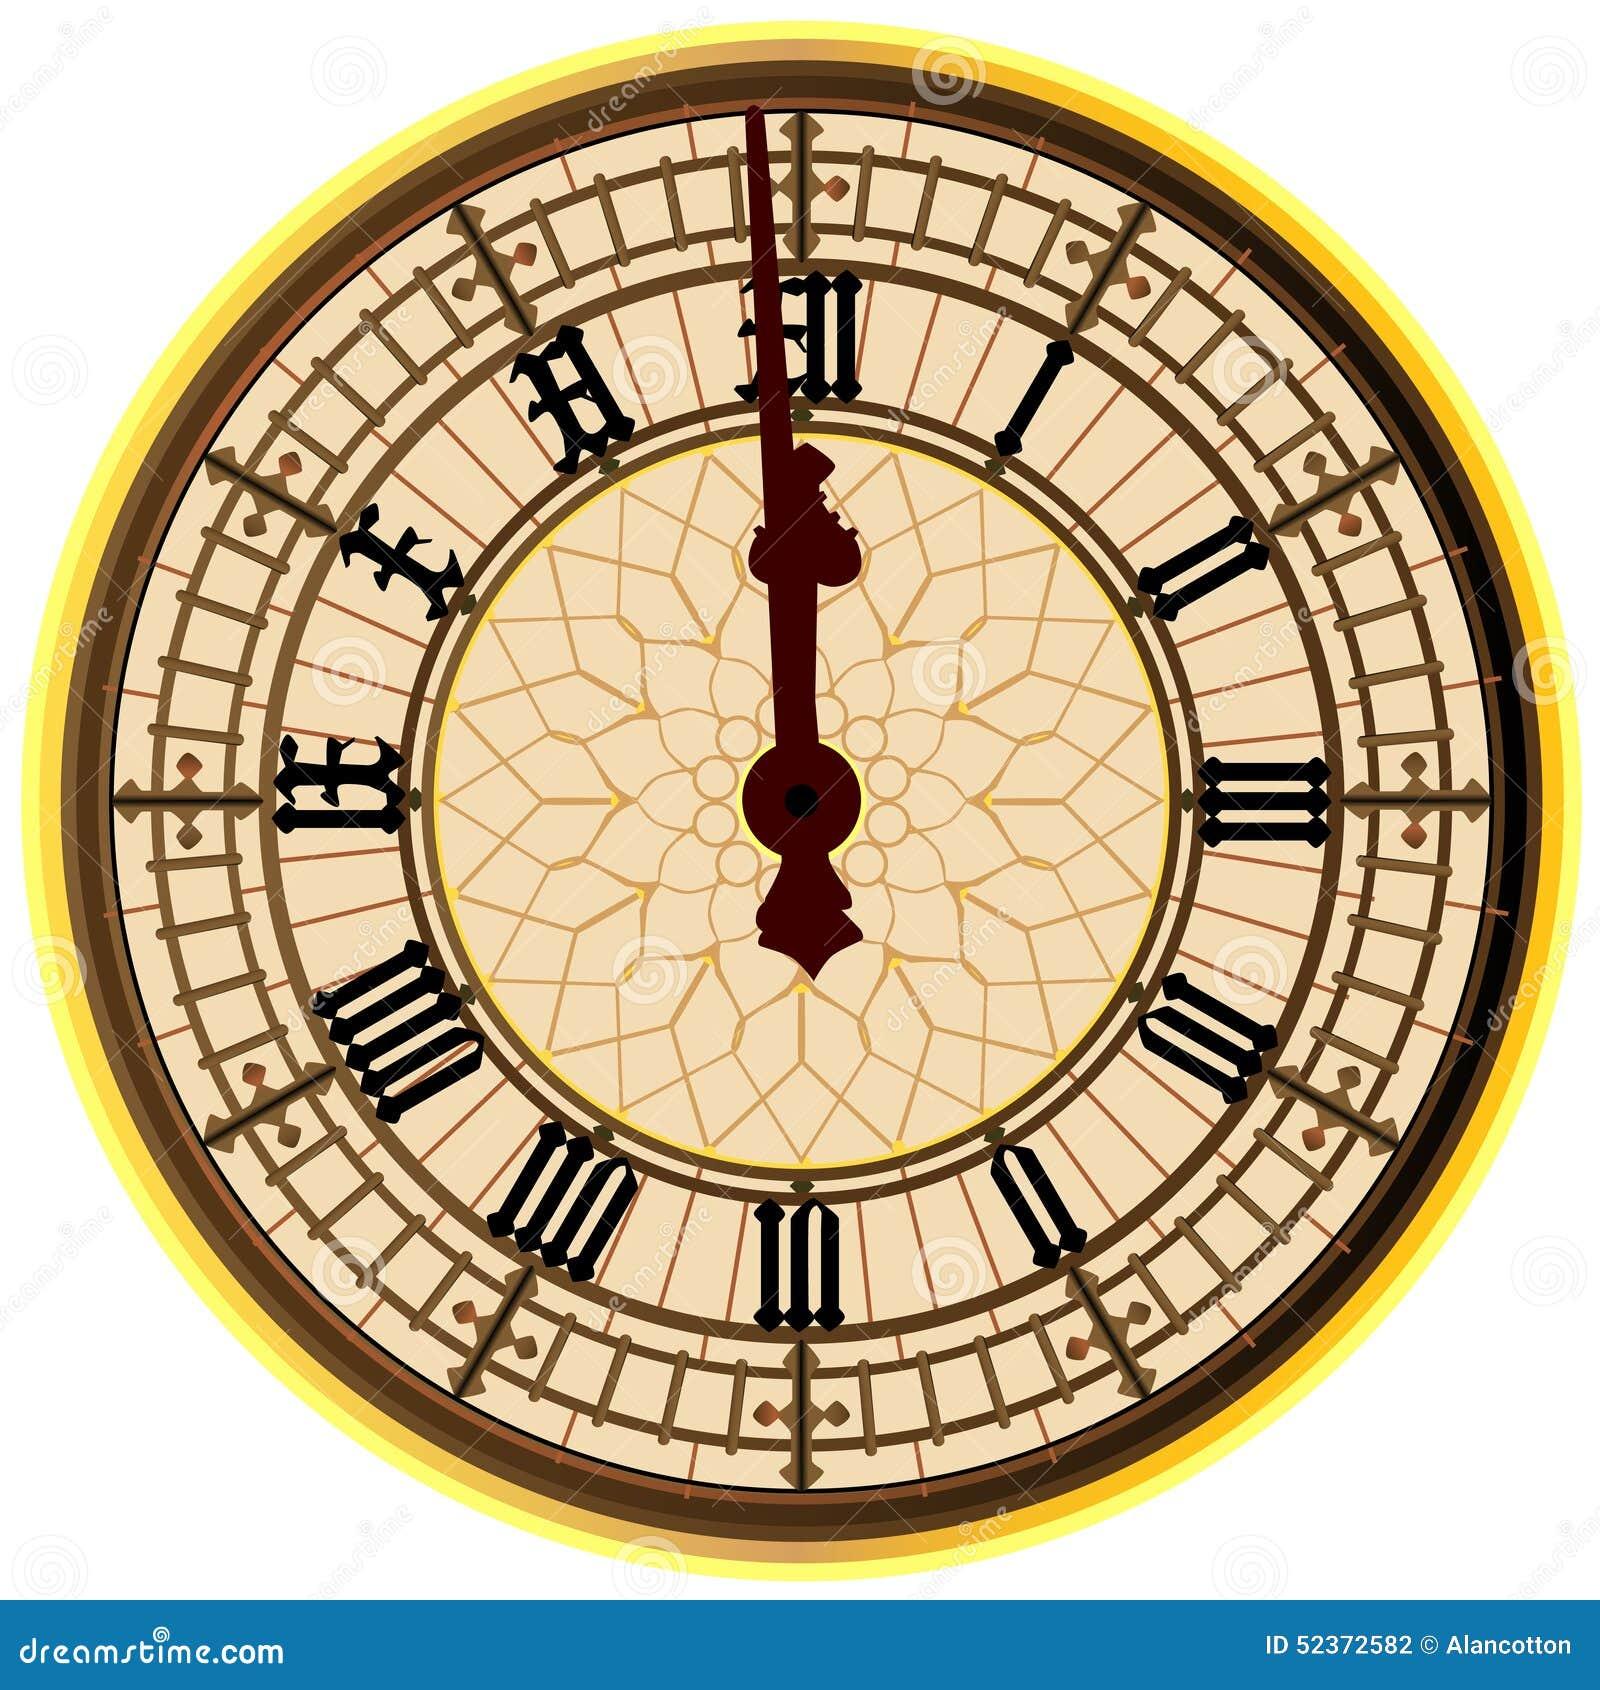 Big Ben Midnight Clock Face Stock Illustration Image